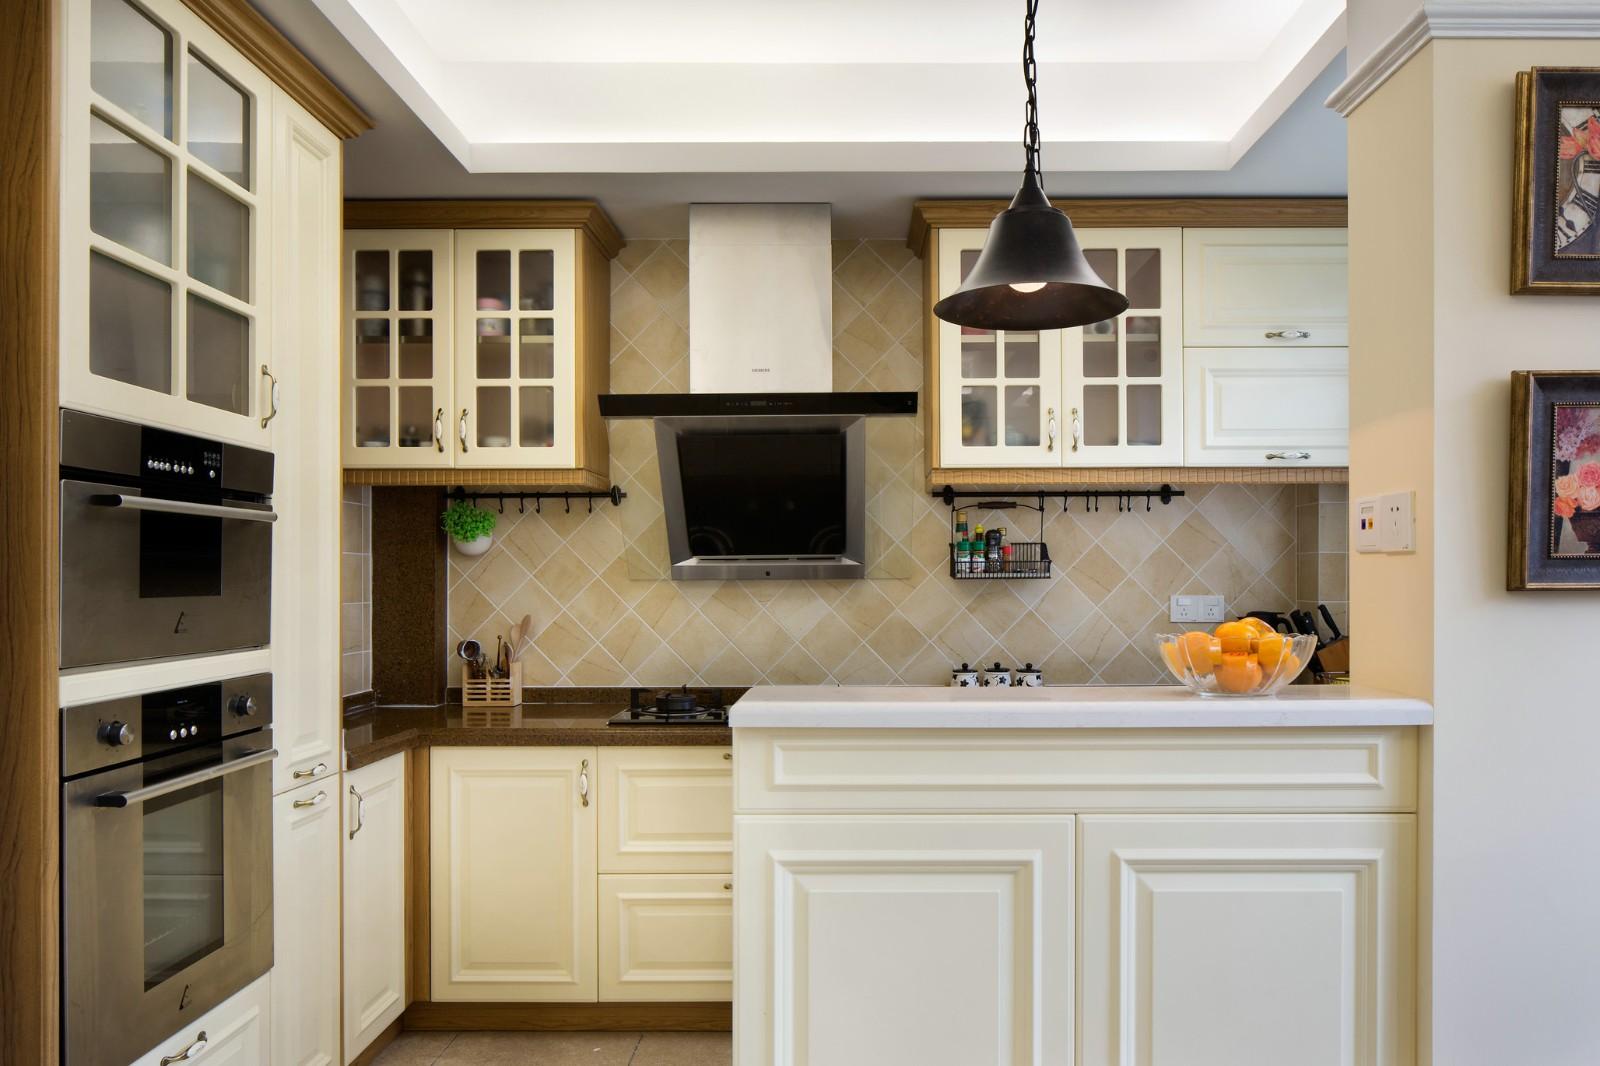 温馨美式风格三居厨房装修效果图